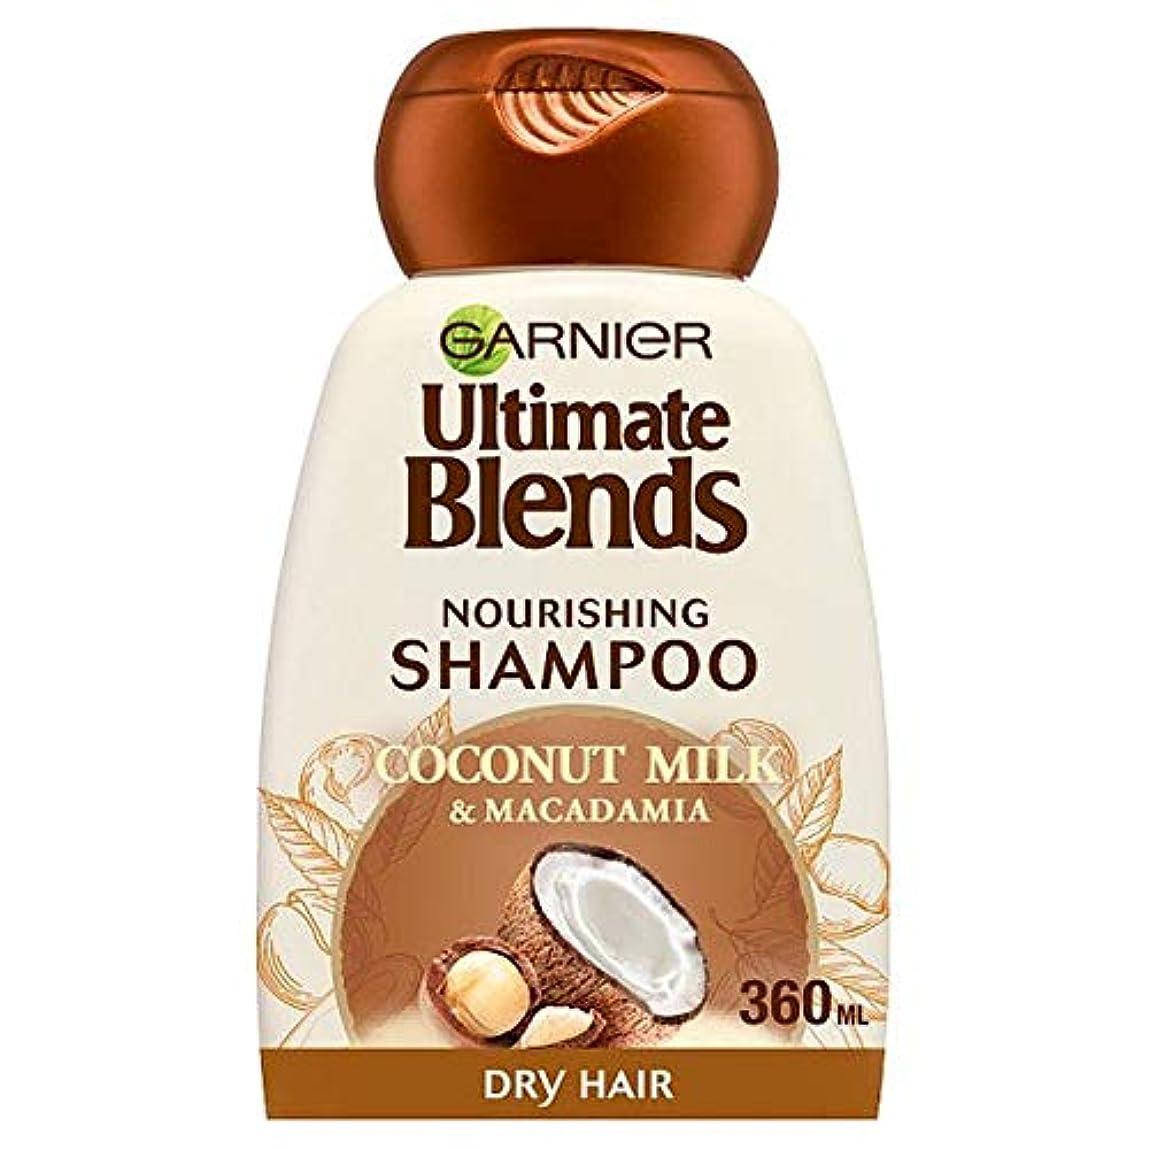 脱臼するホイスト衝突[Garnier ] ガルニエ究極のブレンドココナッツミルクシャンプー乾いた髪の360ミリリットル - Garnier Ultimate Blends Coconut Milk Shampoo Dry Hair 360Ml...